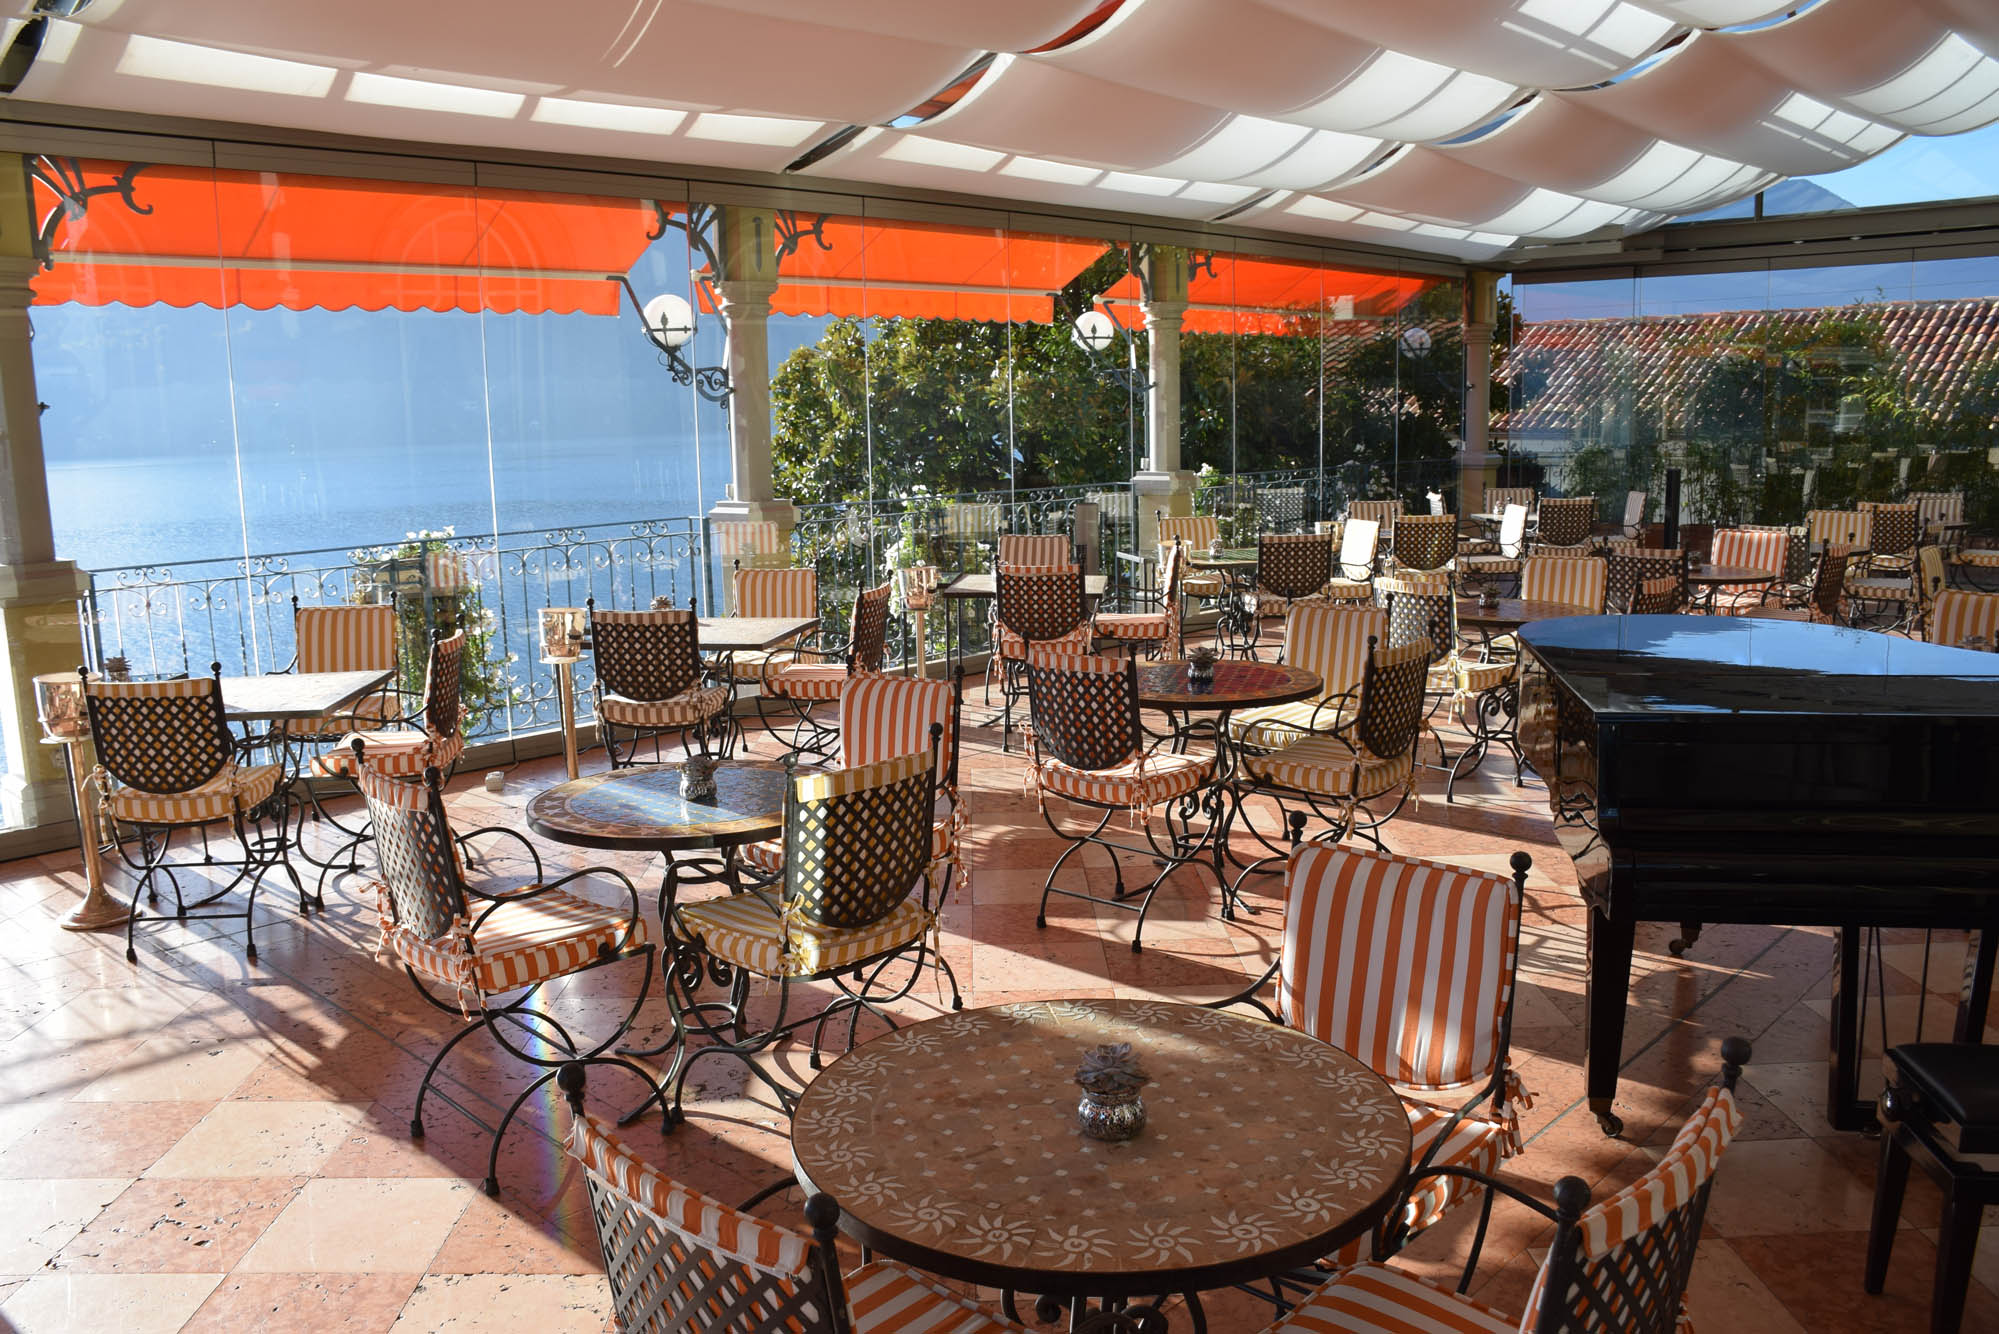 grand-hotel-tremezzo-lago-di-como-lake-italia-dicas-14